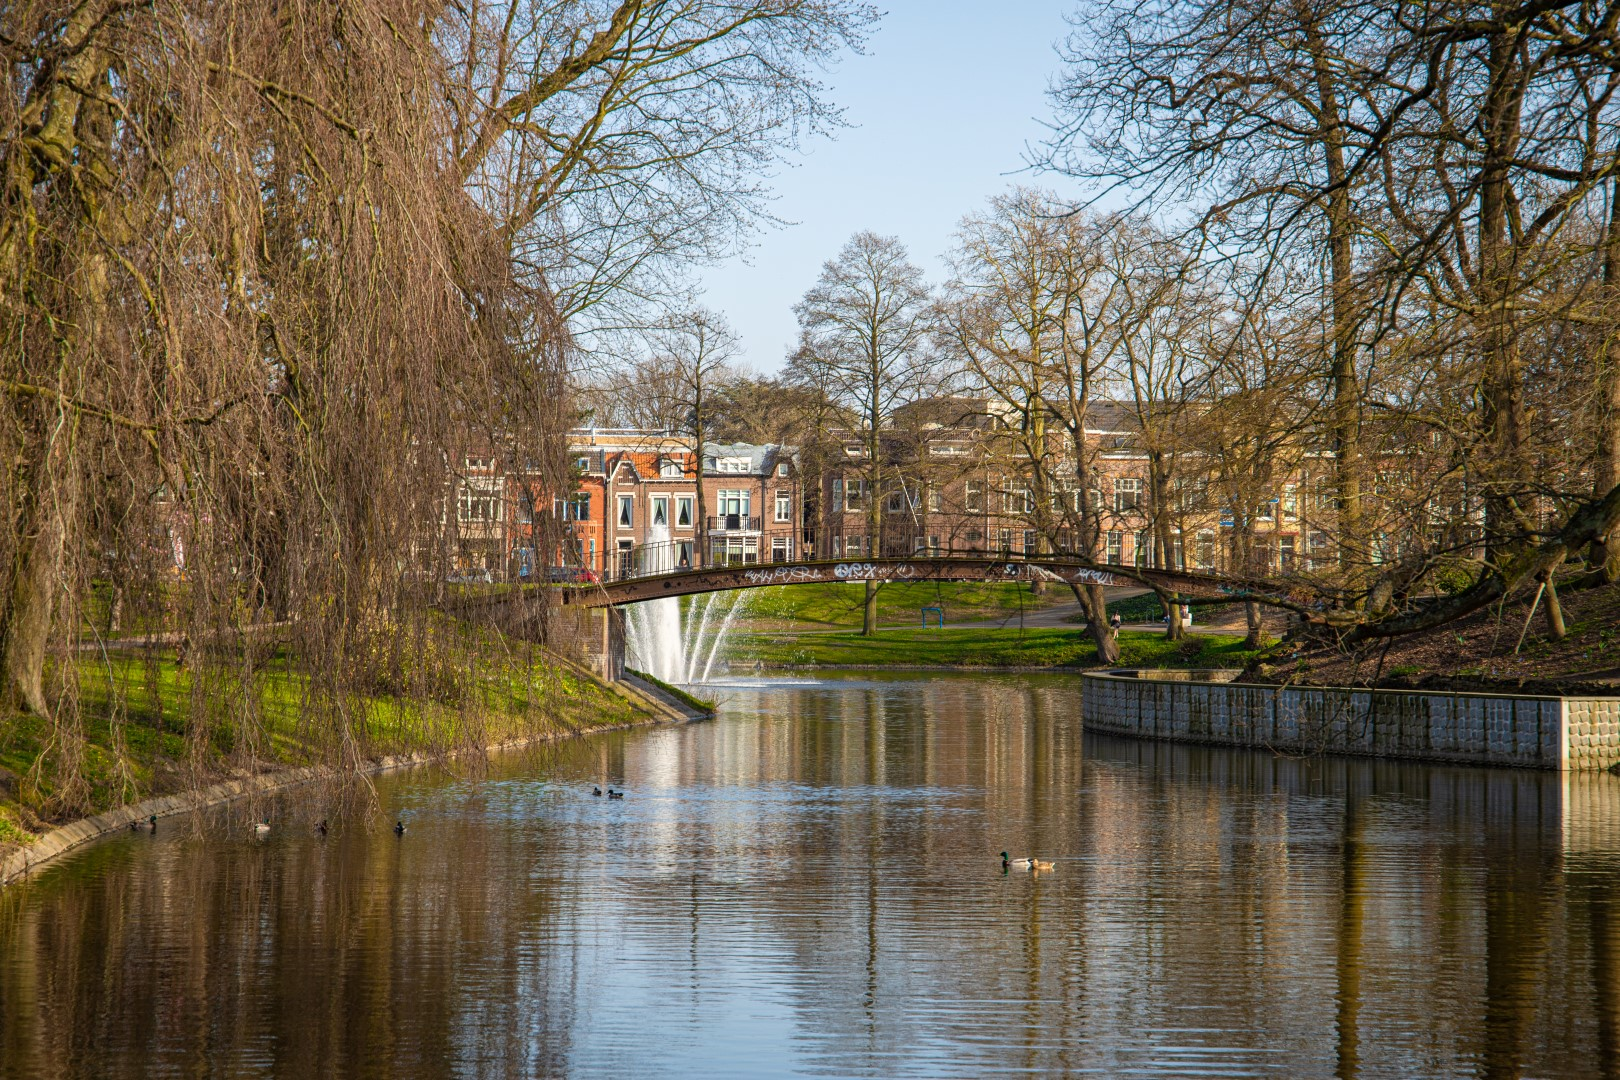 vacatures in Bergen op Zoom Anton van Duinkerkenpark park water meer meertje groen natuur anton van duinkerken brug bloemen lente bloem